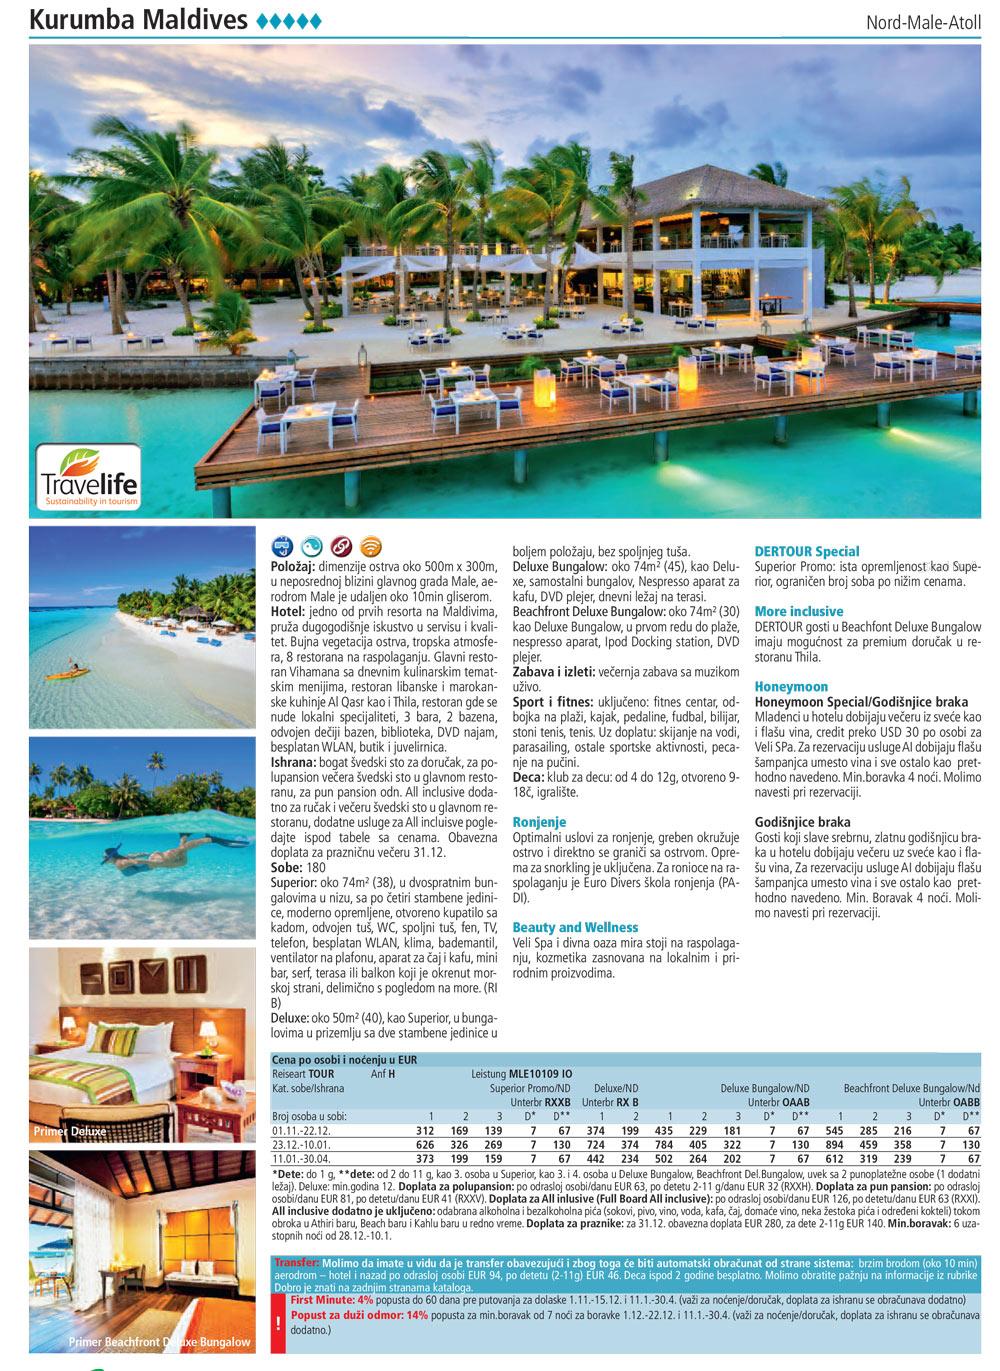 maldivi-kurumba